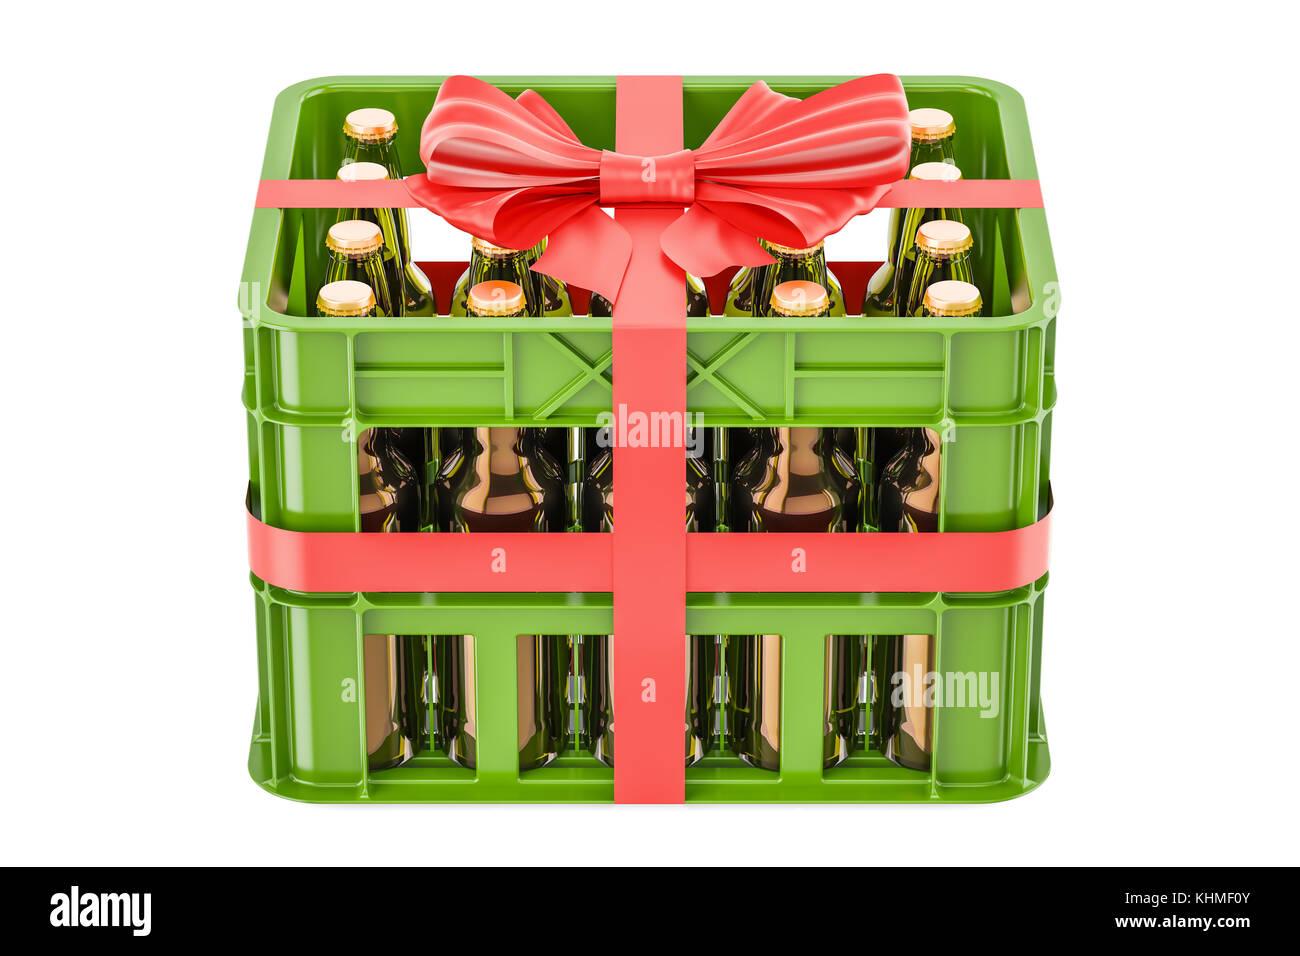 Kiste Voll Bier Flaschen Mit Roter Schleife Und Farbband Geschenk Das Konzept 3d Rendering Auf Weissem Hintergrund Stockfotografie Alamy